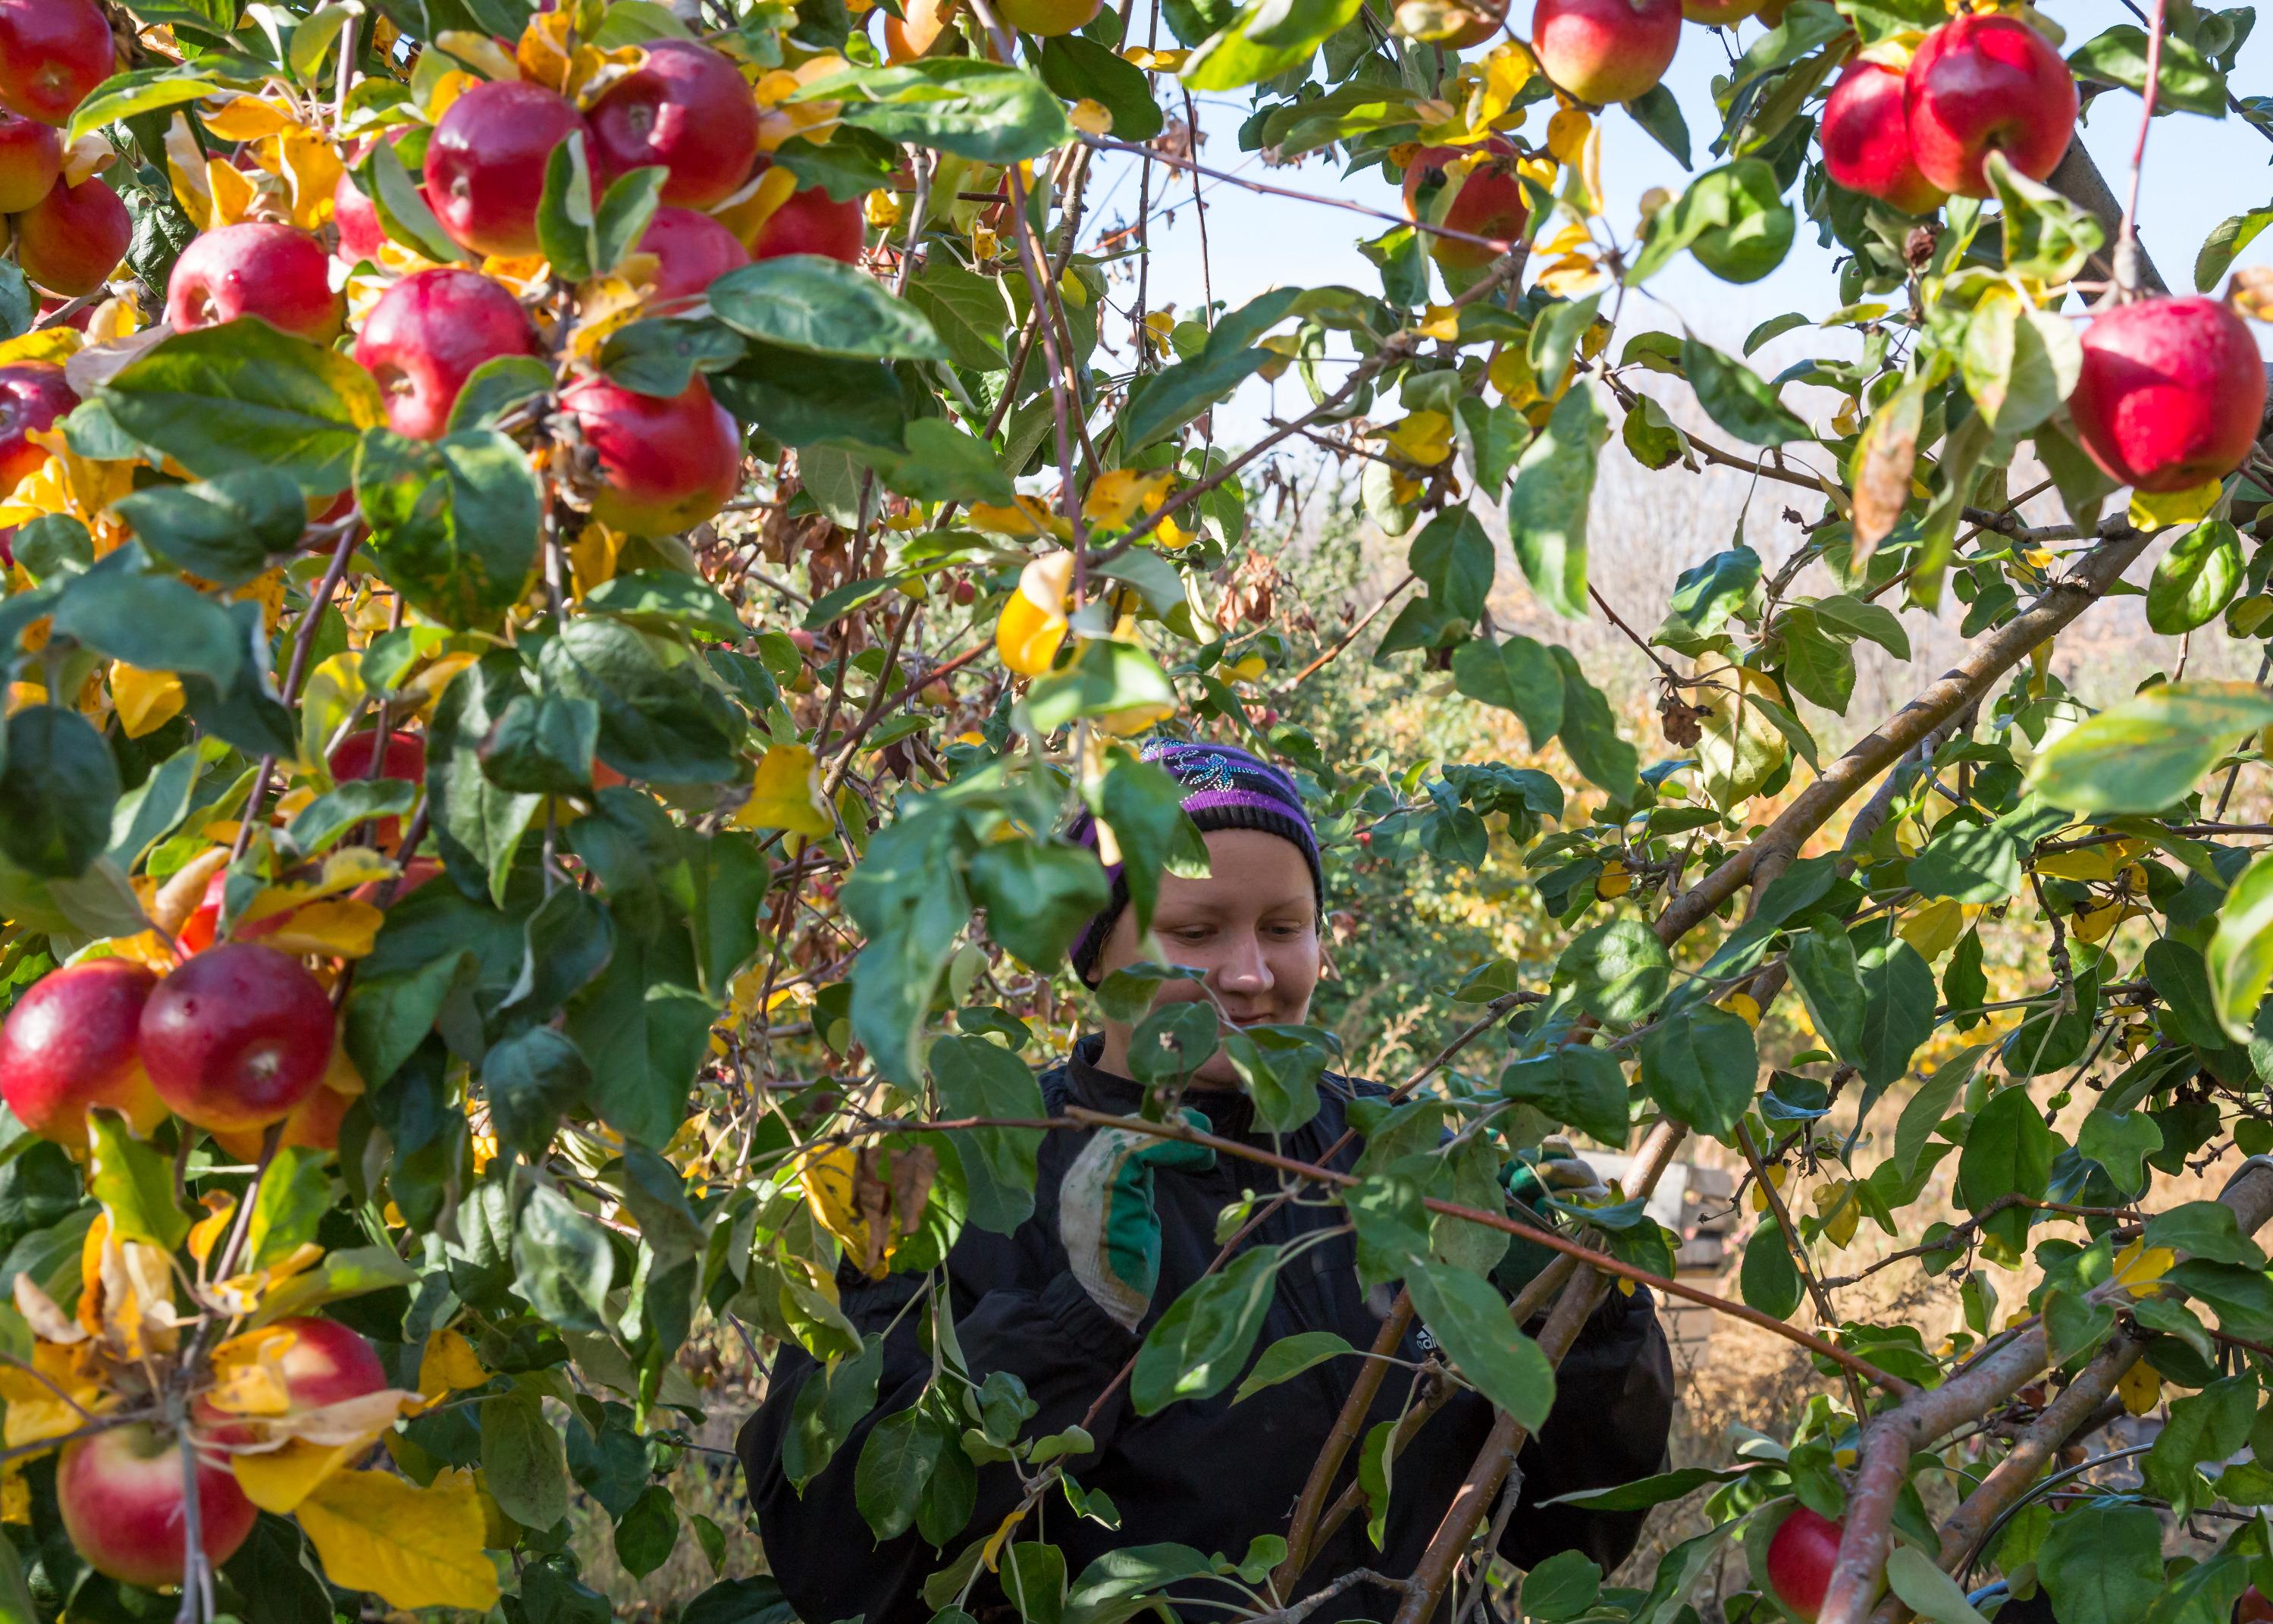 Для всех, кто не хочет покидать сад даже с наступлением осени, у нас есть отличный огородный план до самой зимы!